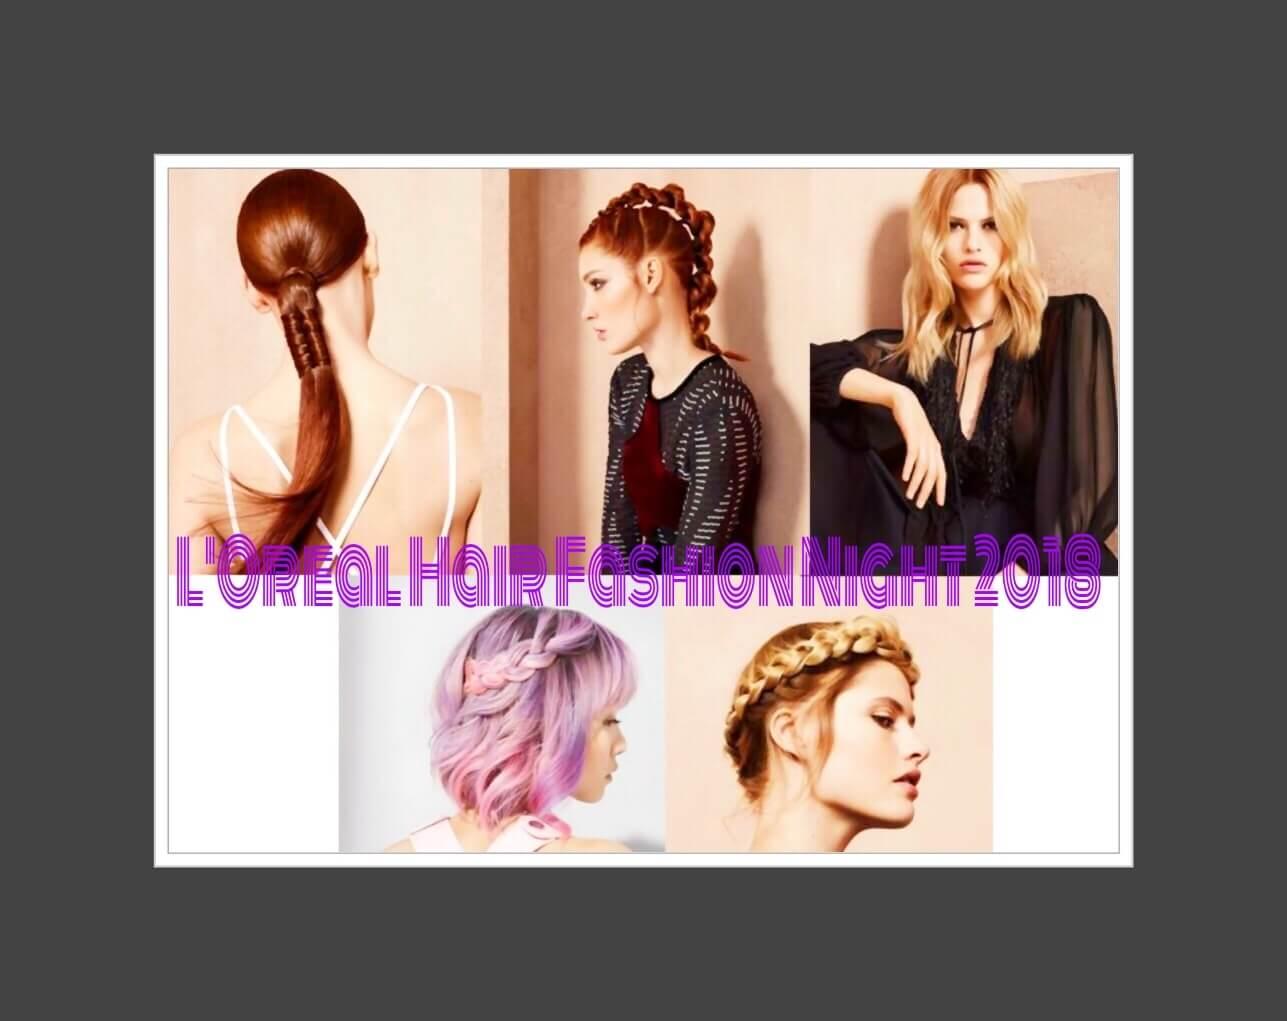 L'Oréal Hair Fashion Night